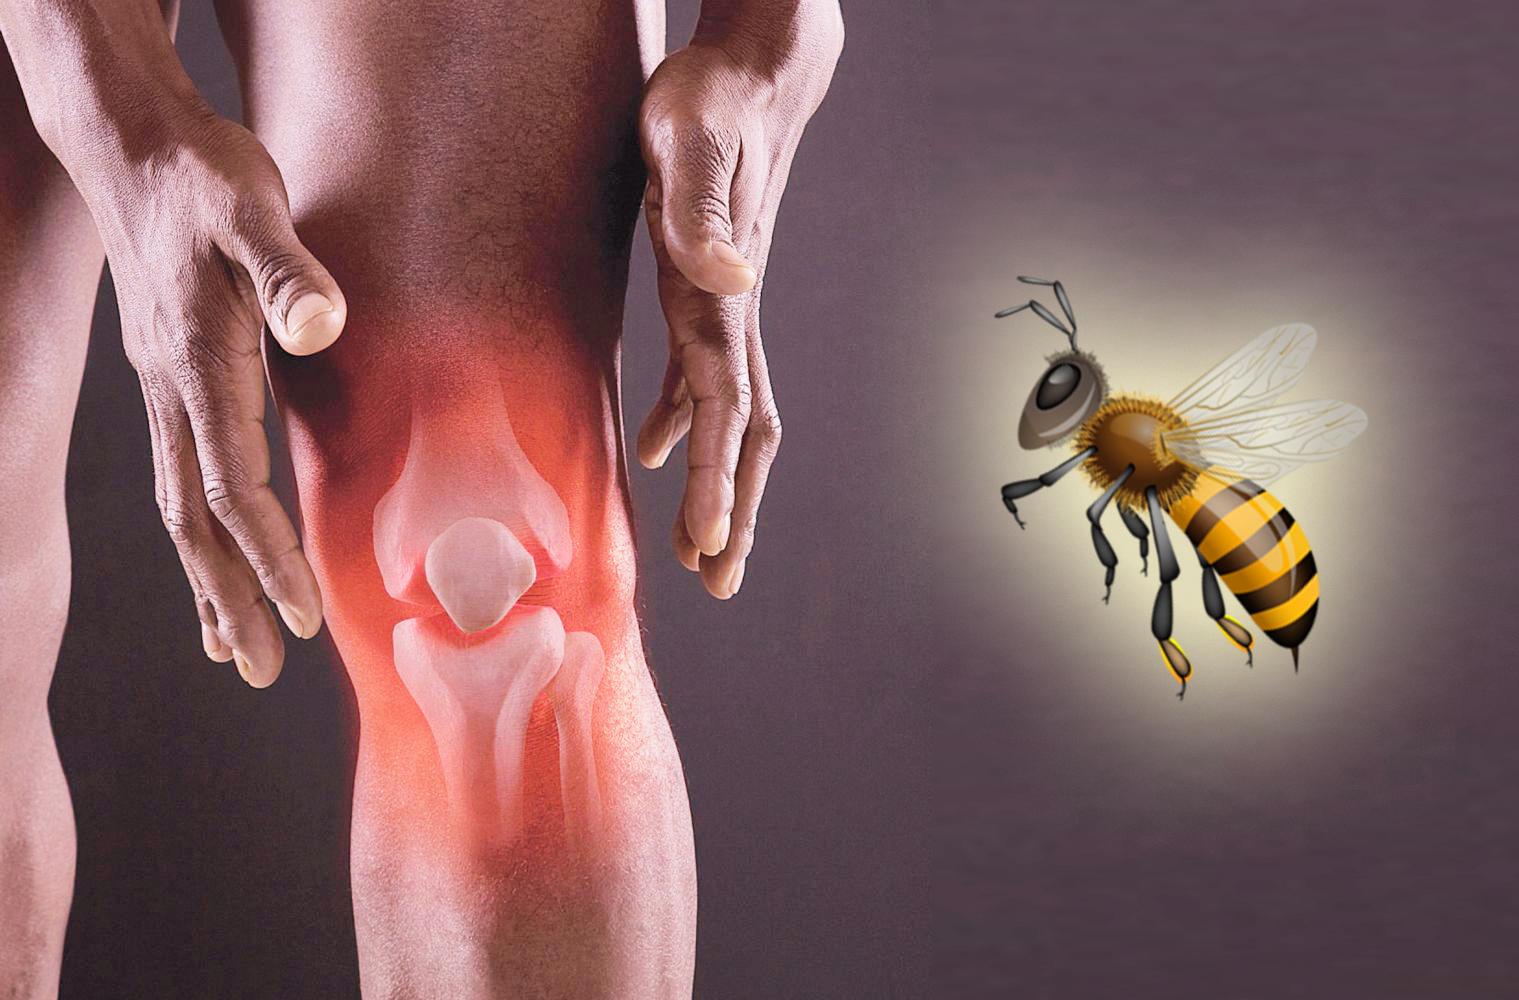 Изображение - Мазь для суставов на основе пчелиного %D1%81%D1%83%D1%81%D1%82%D0%B0%D0%B2%D1%8B2(2)